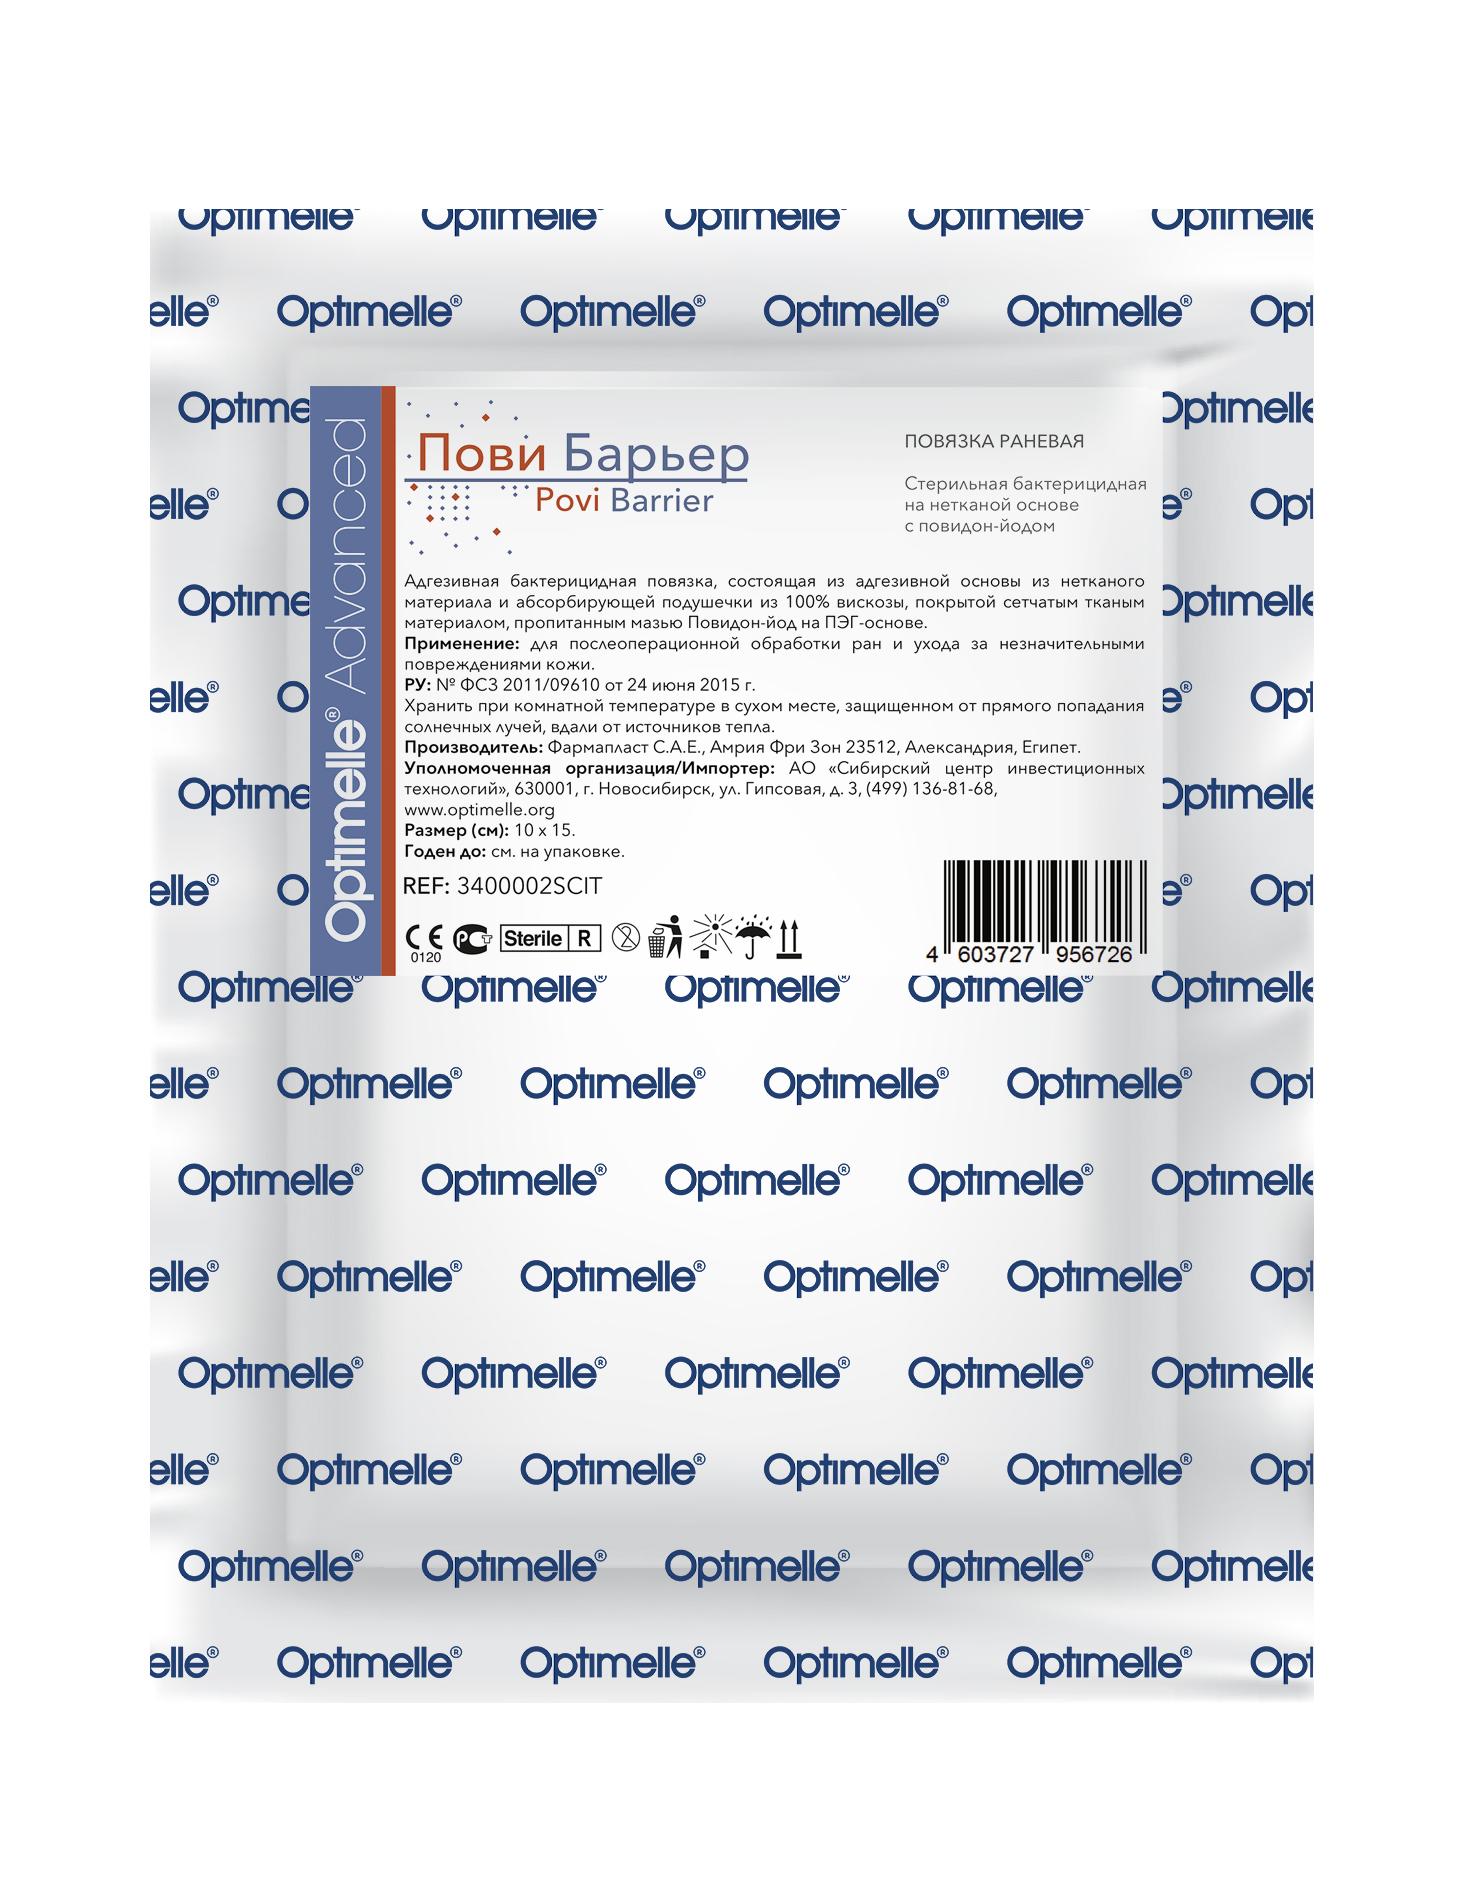 Повязка с повидон-йодом послеоперационная пластырная Пови Барьер 10х15 см